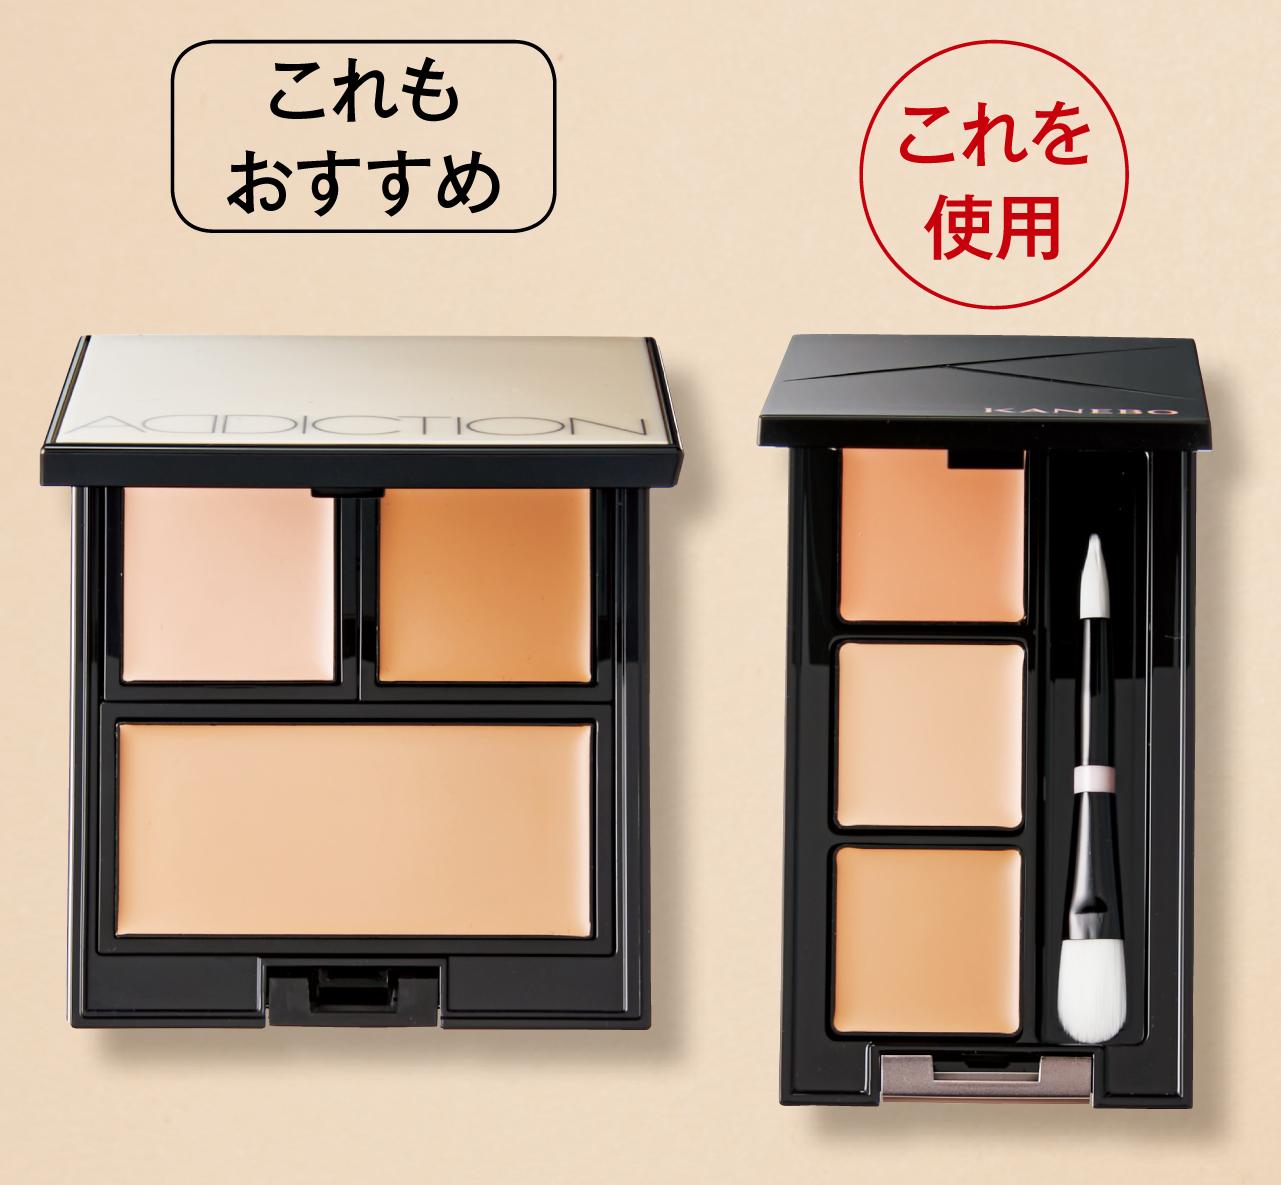 (右)カネボウ コンシーラーコンパクト¥6,600/カネボウインターナショナル Div. (左)パーフェクト コンシーラー コンパクト ¥4,950/アディクション ビューティ